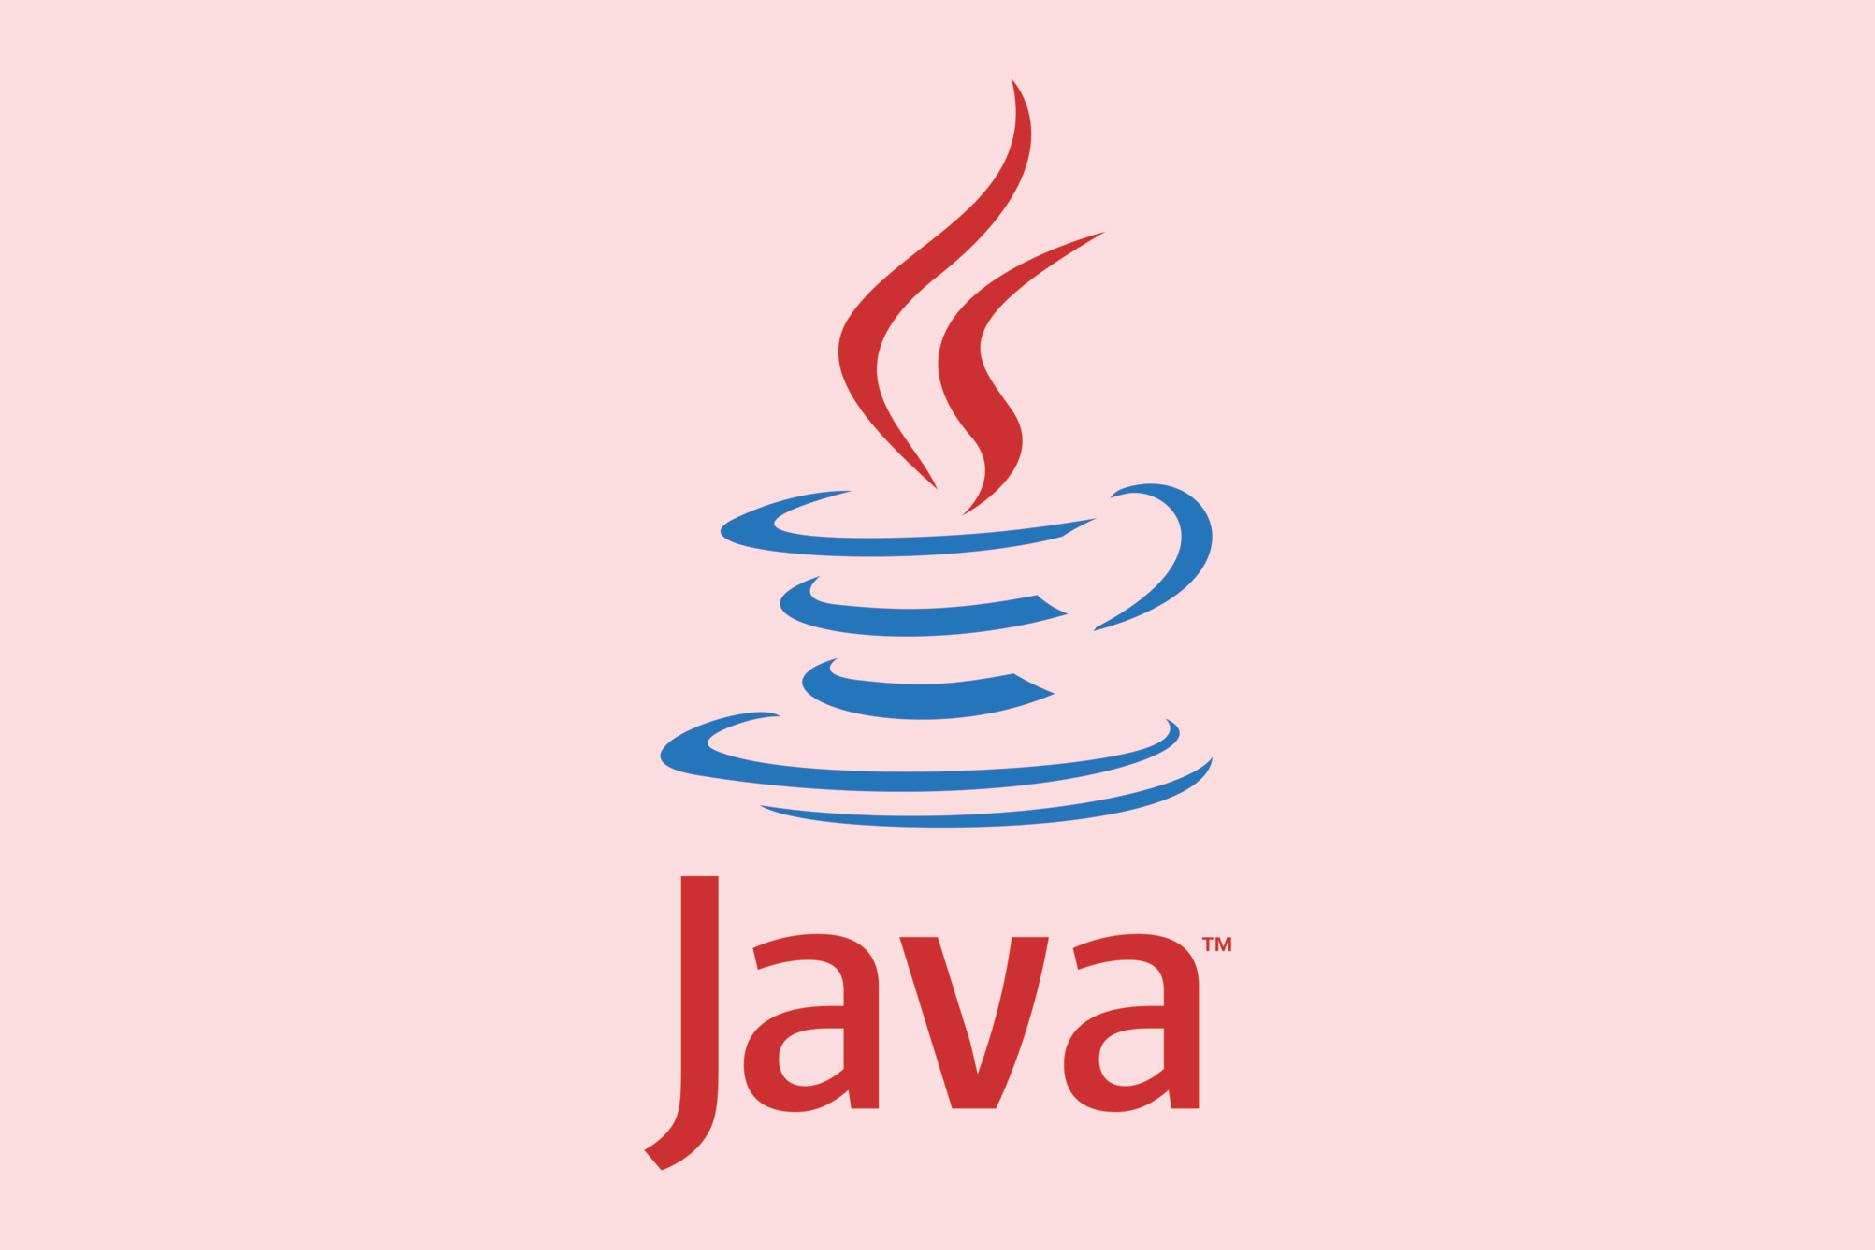 java,javascript, popular programing language, most popular programming language of 2021, learn java